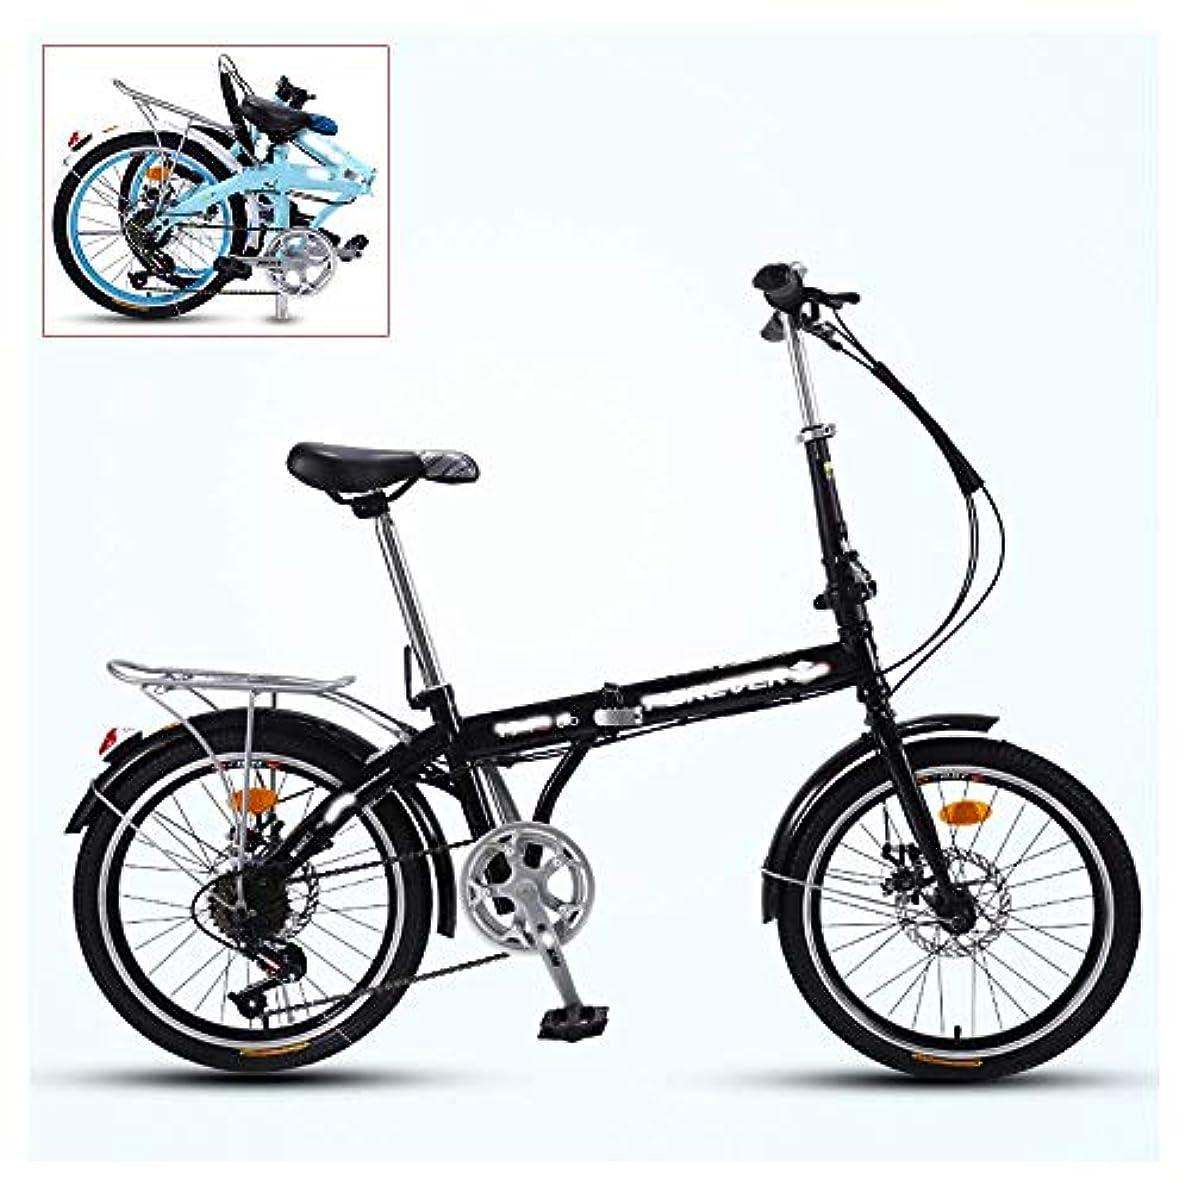 早熟安定した創傷折りたたみ式大人用自転車、20インチ7速超軽量ポータブル自転車、調節可能なシートハンドル、ダブルディスクブレーキ、3段階クイック折りたたみ式(ギフトを含む)